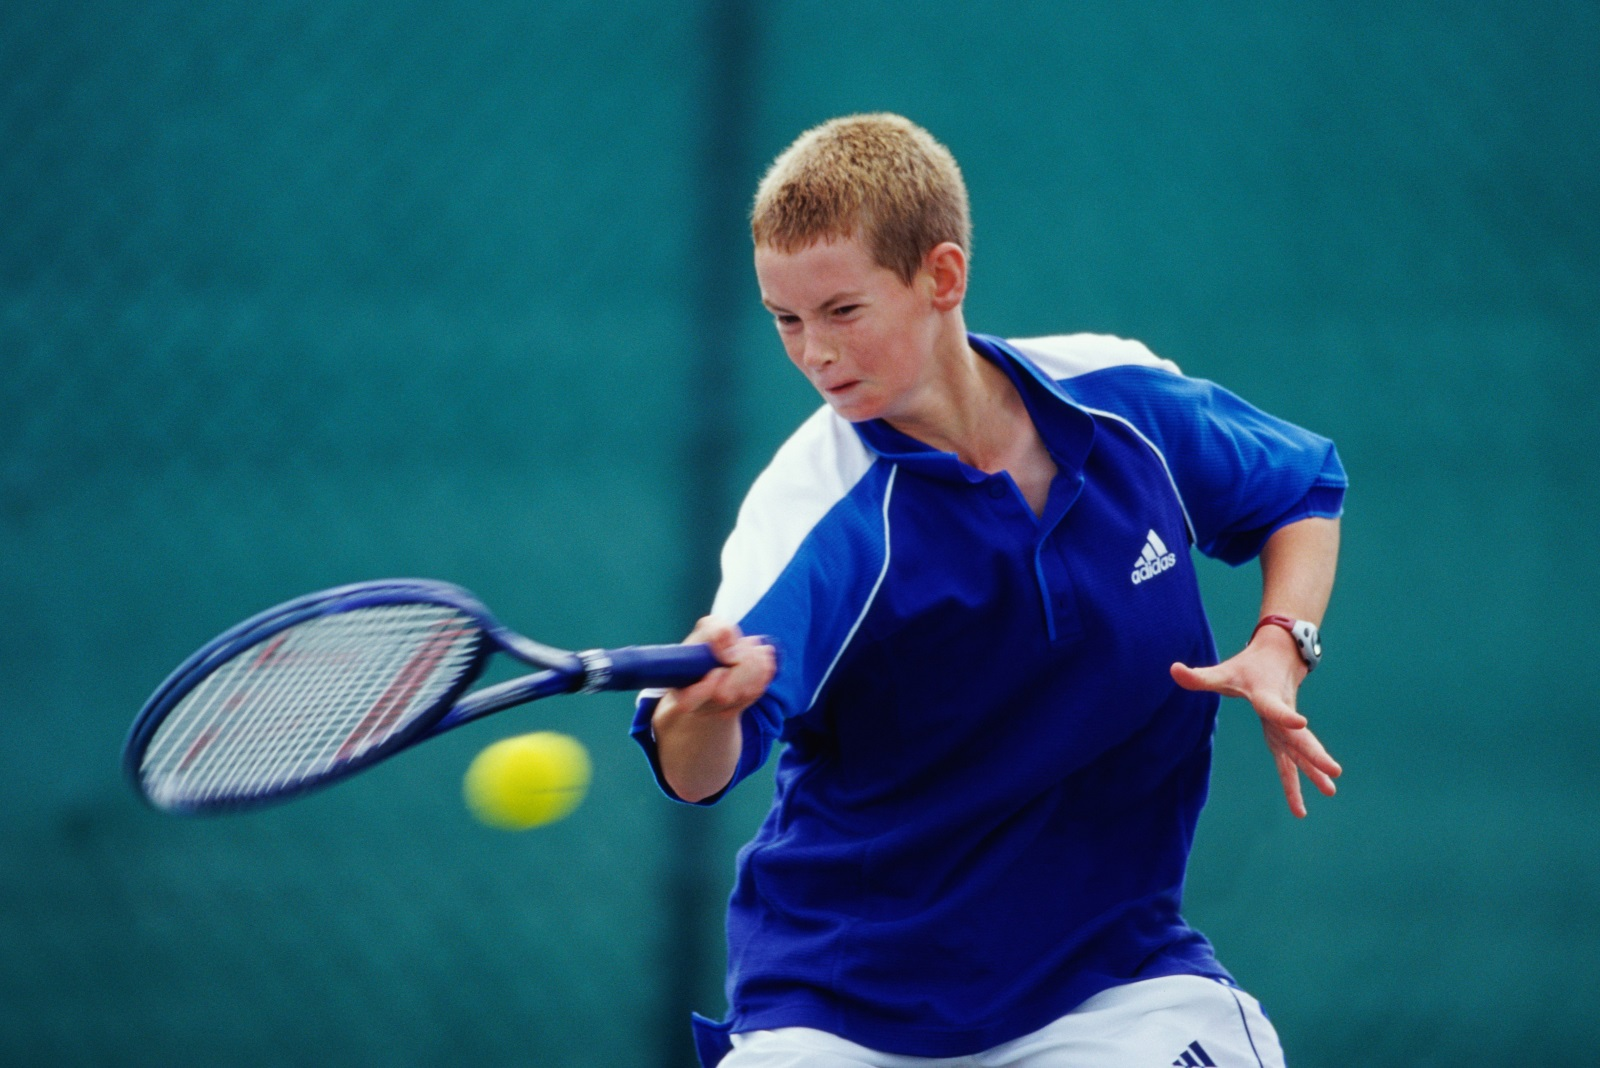 """Сър Андрю Мъри e шотландски професионален тенисист и двукратен олимпийски шампион. Мъри е най-високо ранкираният британски тенисист. Той достига топ 10 в ранглистата на АТП за първи път през 2007. Най-висока позиция в Световната ранглиста постига през август 2009 (номер 2). Мъри е първият британец от 76 години насам, който печели турнир от Големия шлем, след като триумфира на US Open през 2012.През 2013 Анди Мъри побеждава Новак Джокович, превръщайки се в първия британец, печелил """"Уимбълдън"""" от 1936 г. насам. През 2016 г. той за втори път побеждава Джокович на заключителния турнир на АТП в Лондон."""